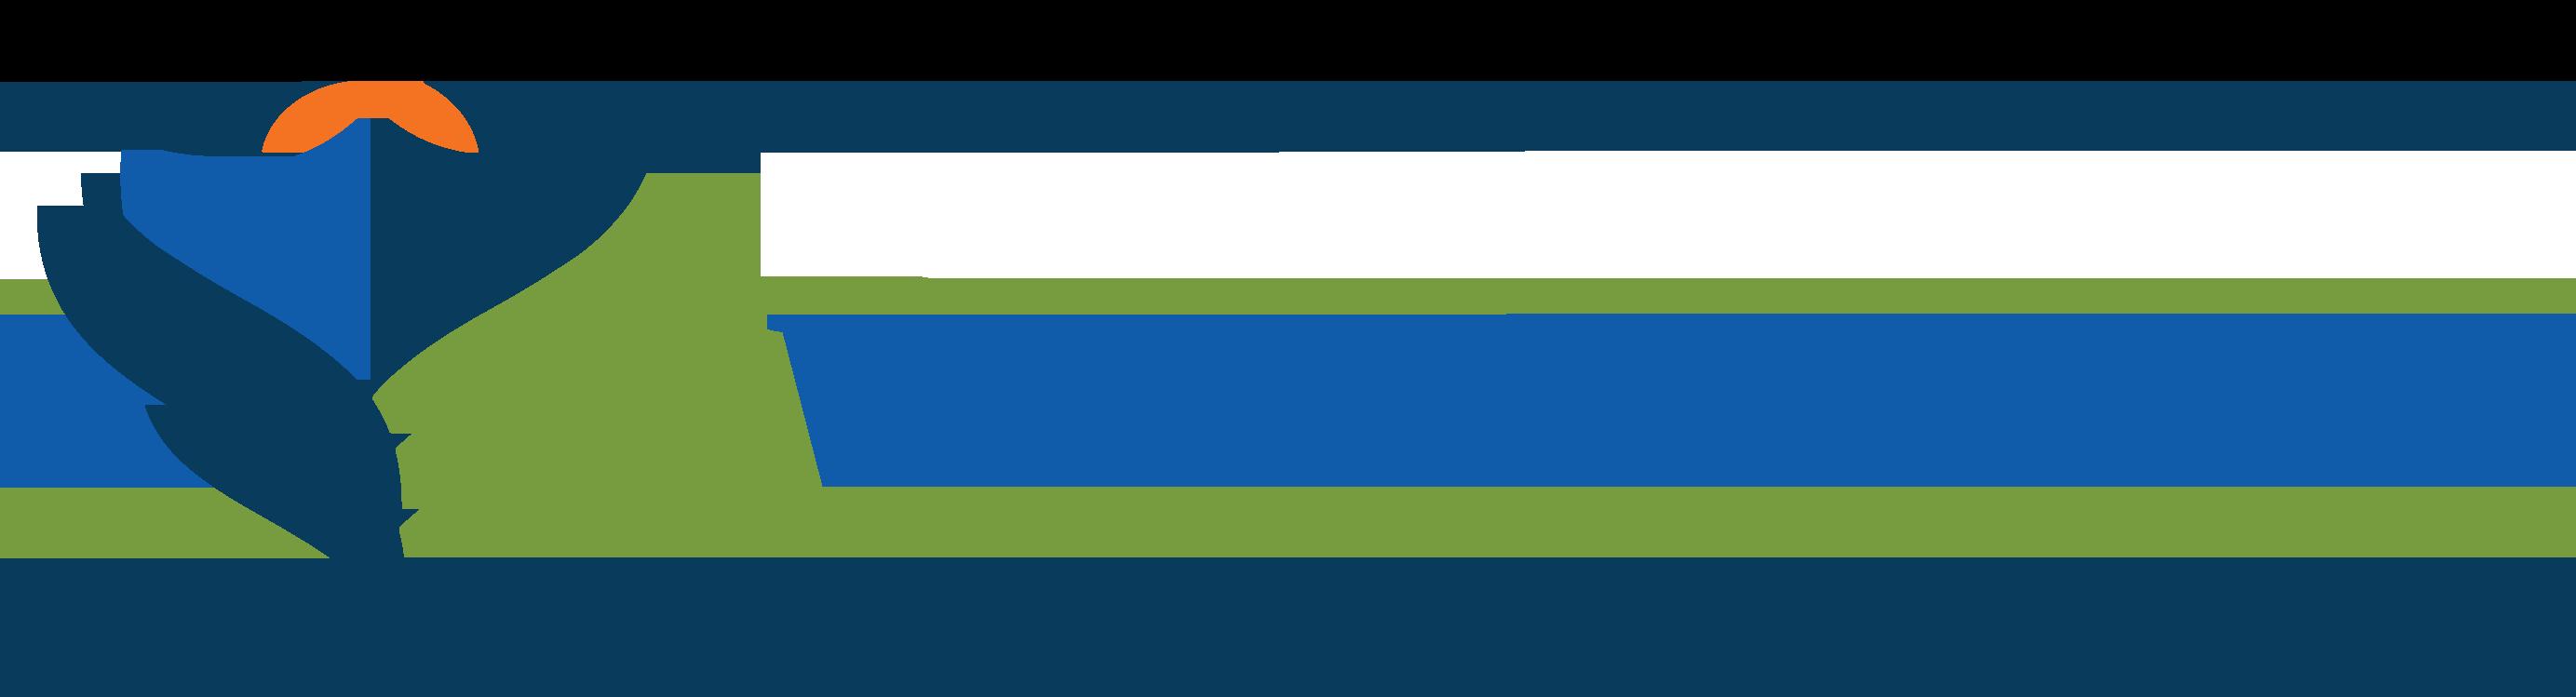 Bufffalo Niagra Waterkeeper